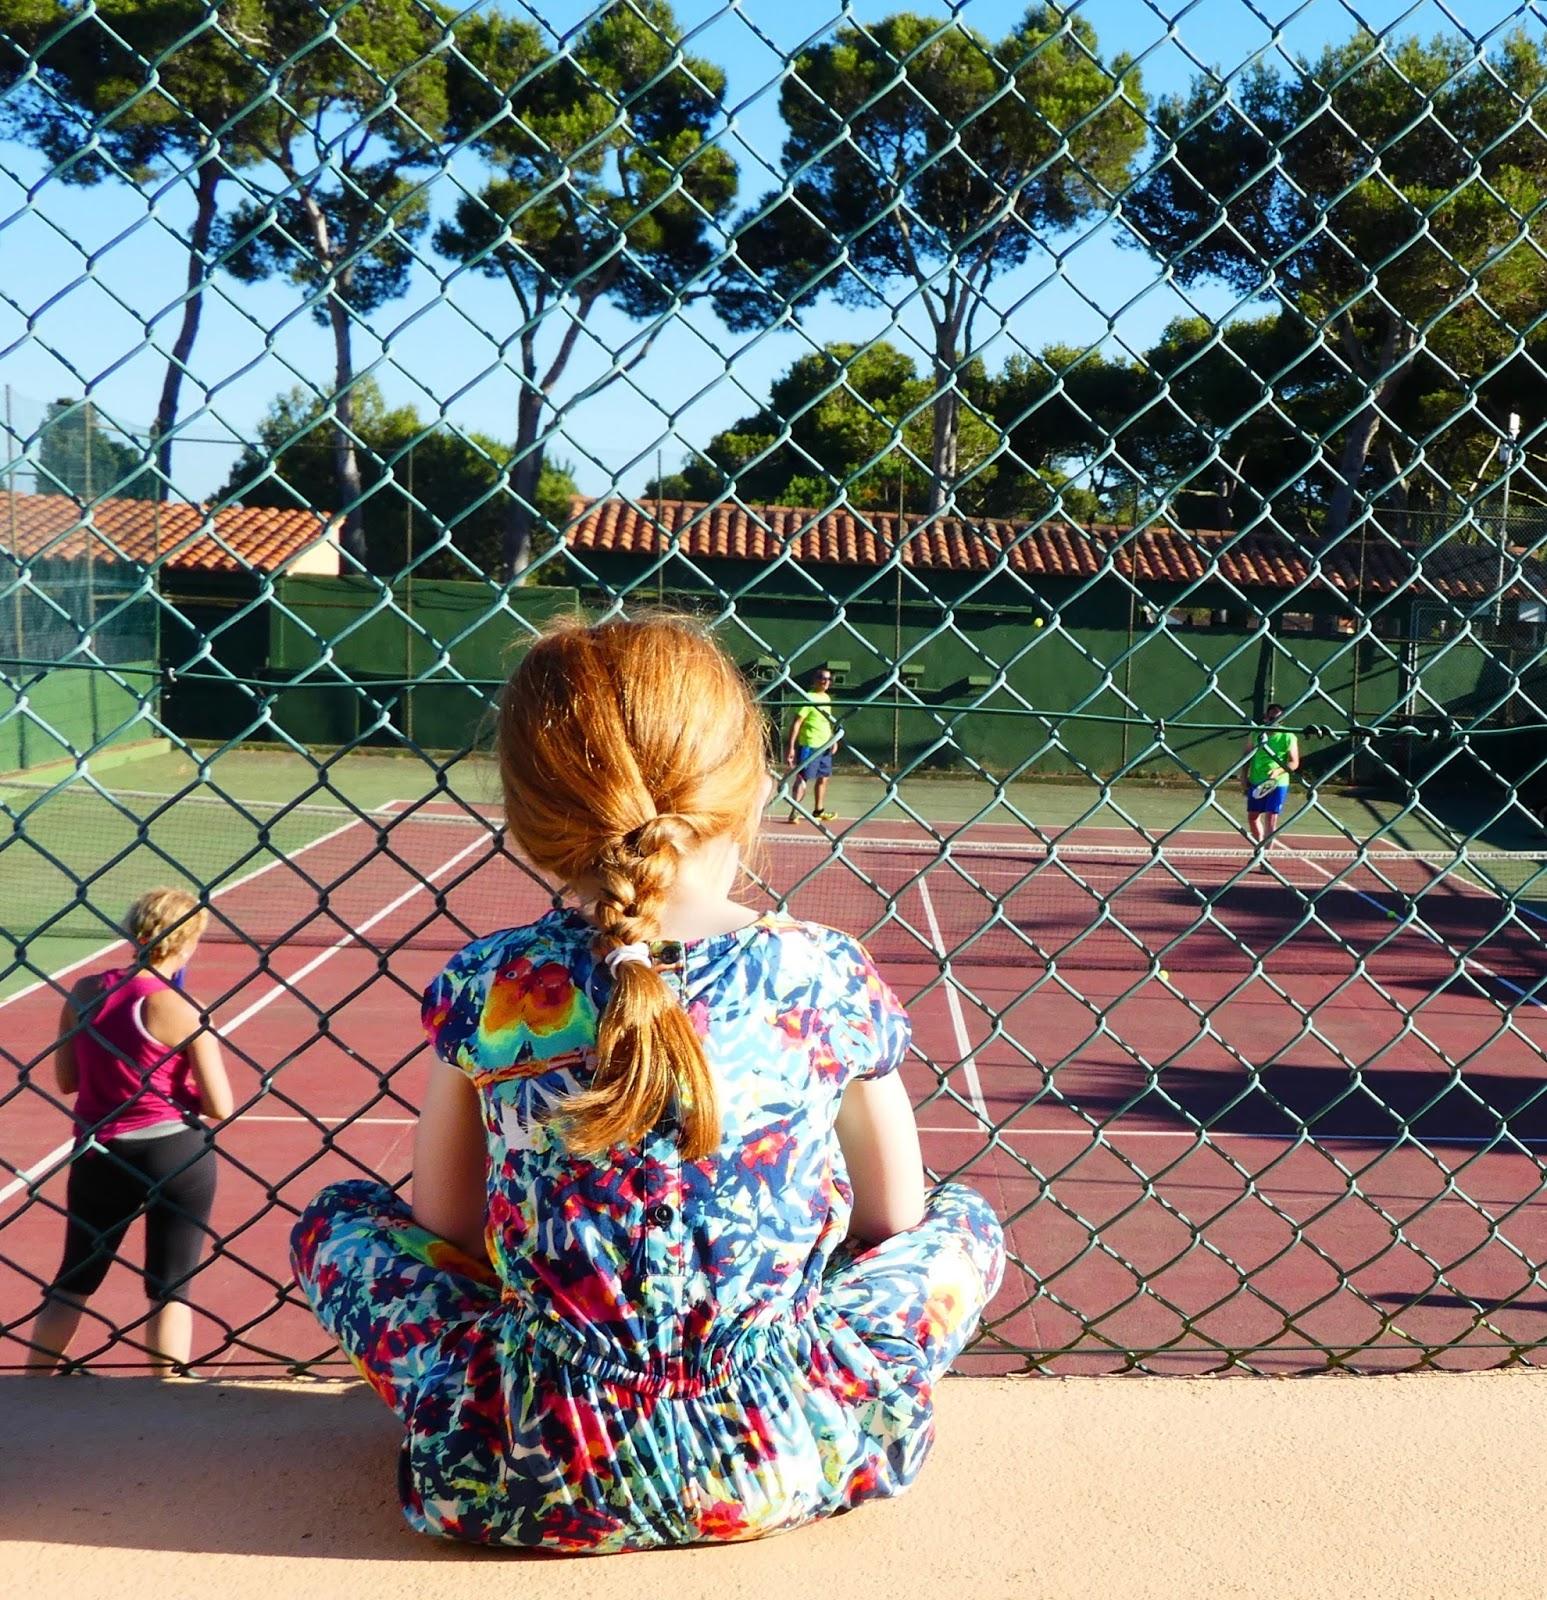 Camping La Siesta, Calella de Palafrugell, Costa Brava - a review - tennis